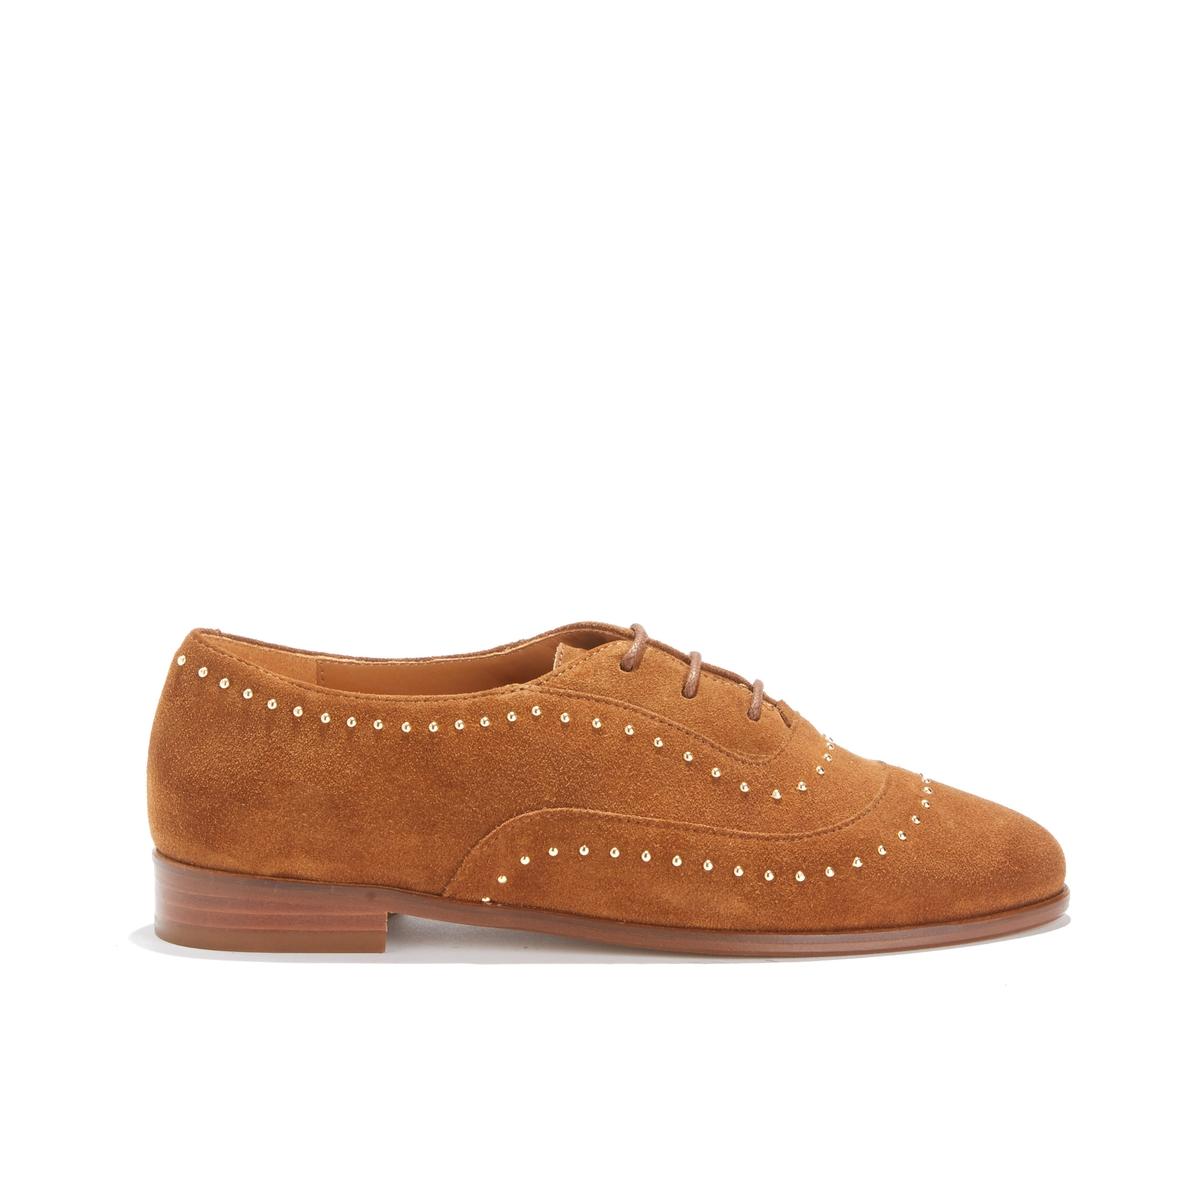 Ботинки-дерби кожаные LA POINTILLEUSE ботинки дерби